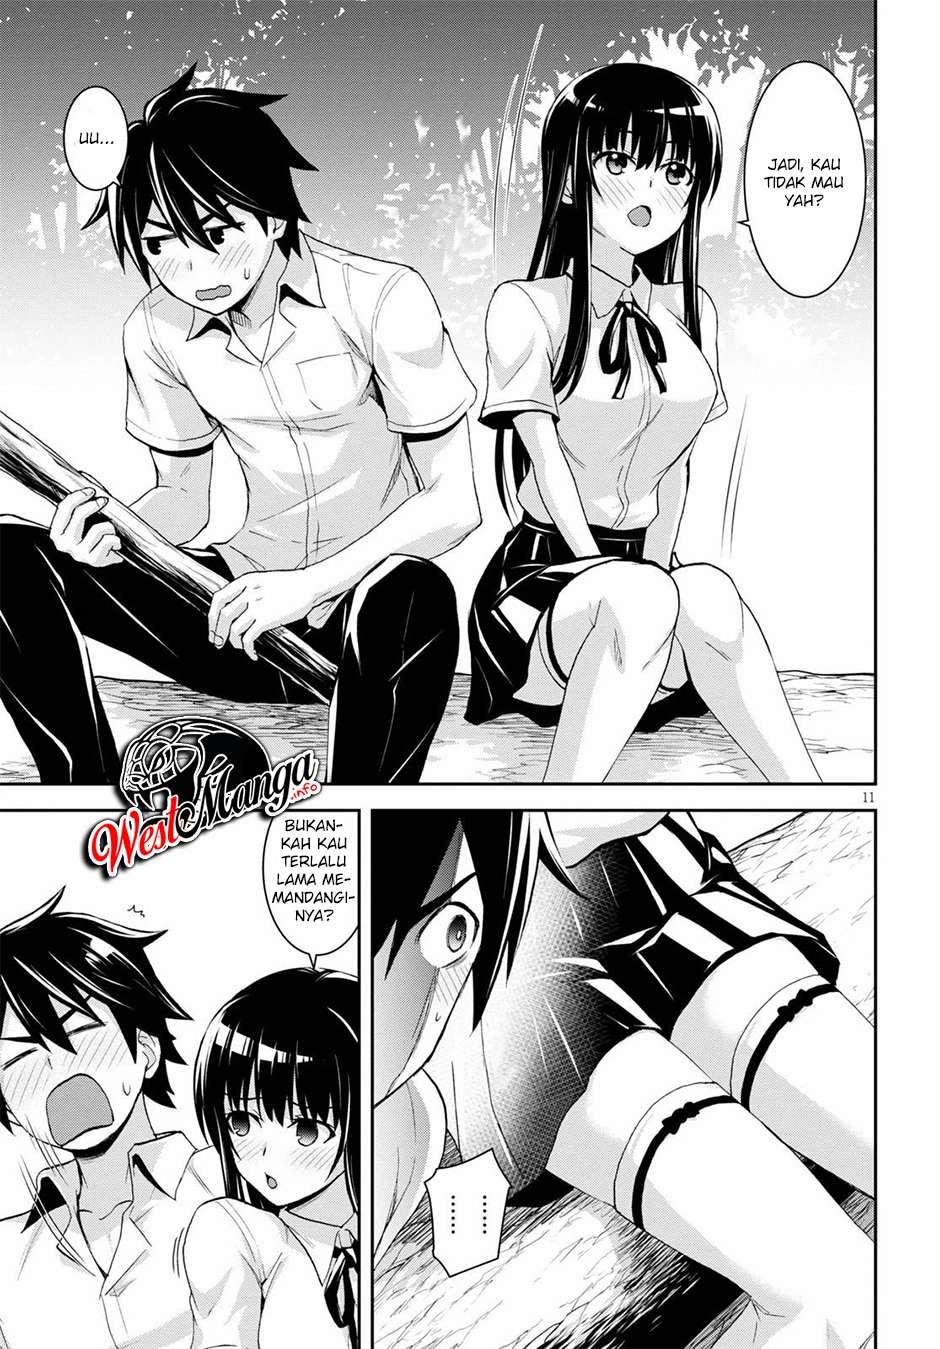 Isekai Yurutto Survival Seikatsu Gakkou No Minna To Isekai No Mujintou Ni Tenishitakedo Ore Dake Rakushou Desu Chapter 5